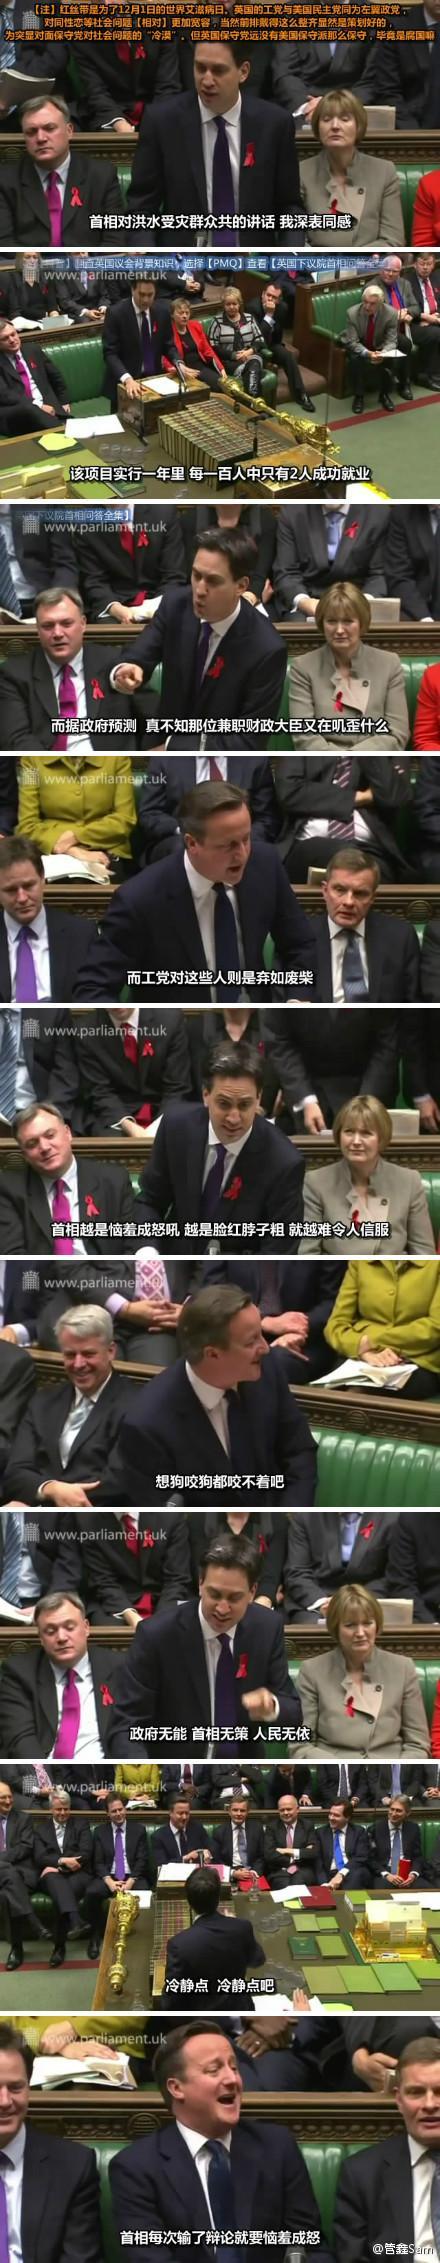 英国下议院首相问答 2012.11.28 【内阁狗咬狗,卡相叹气;就业罗生门,小米得意】